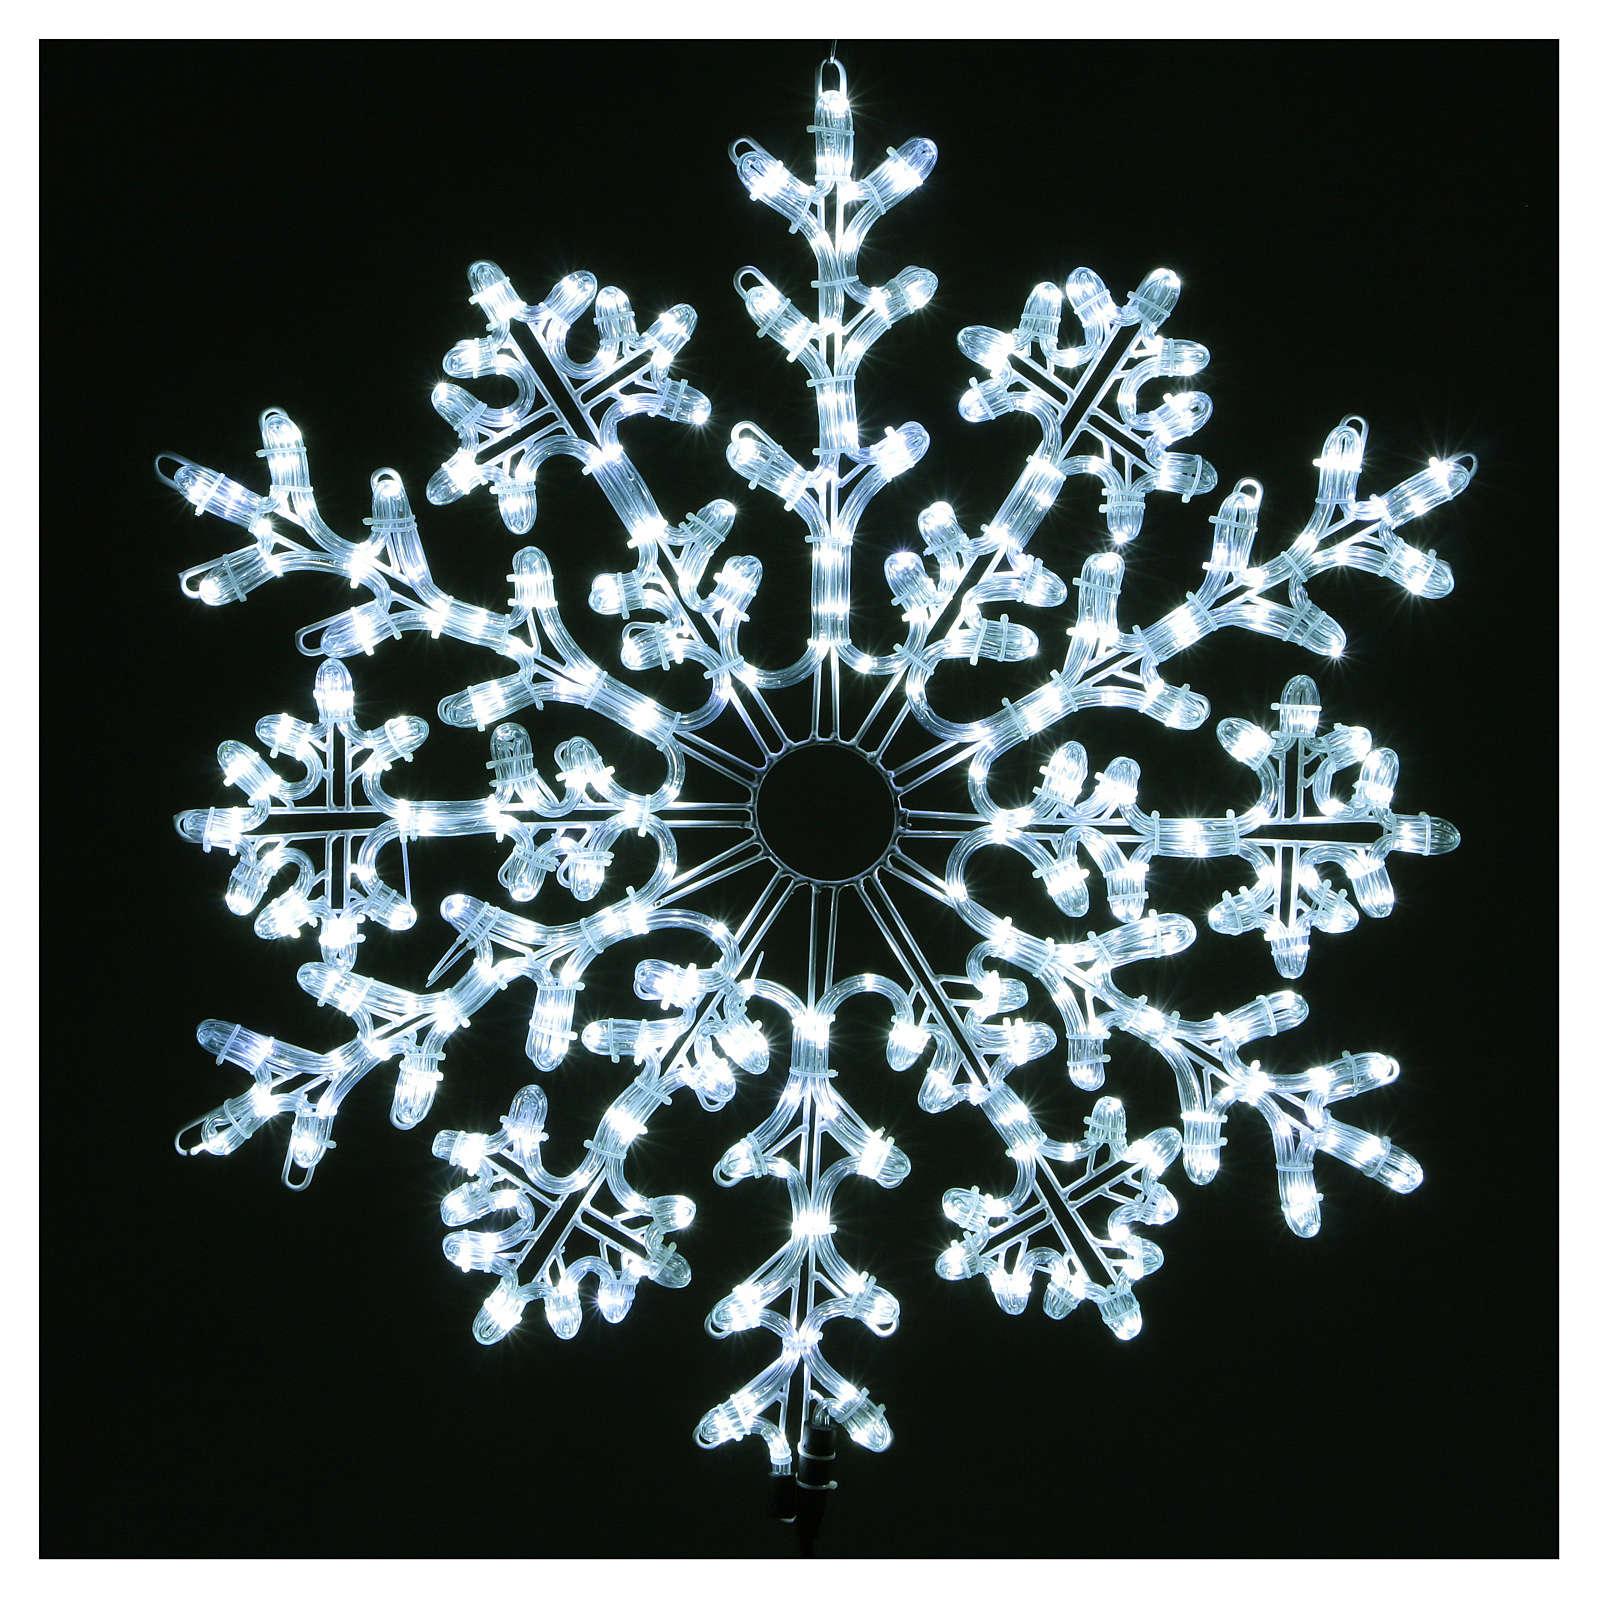 Copo de nieve 336 Led Blanco hielo interior y exterior 3